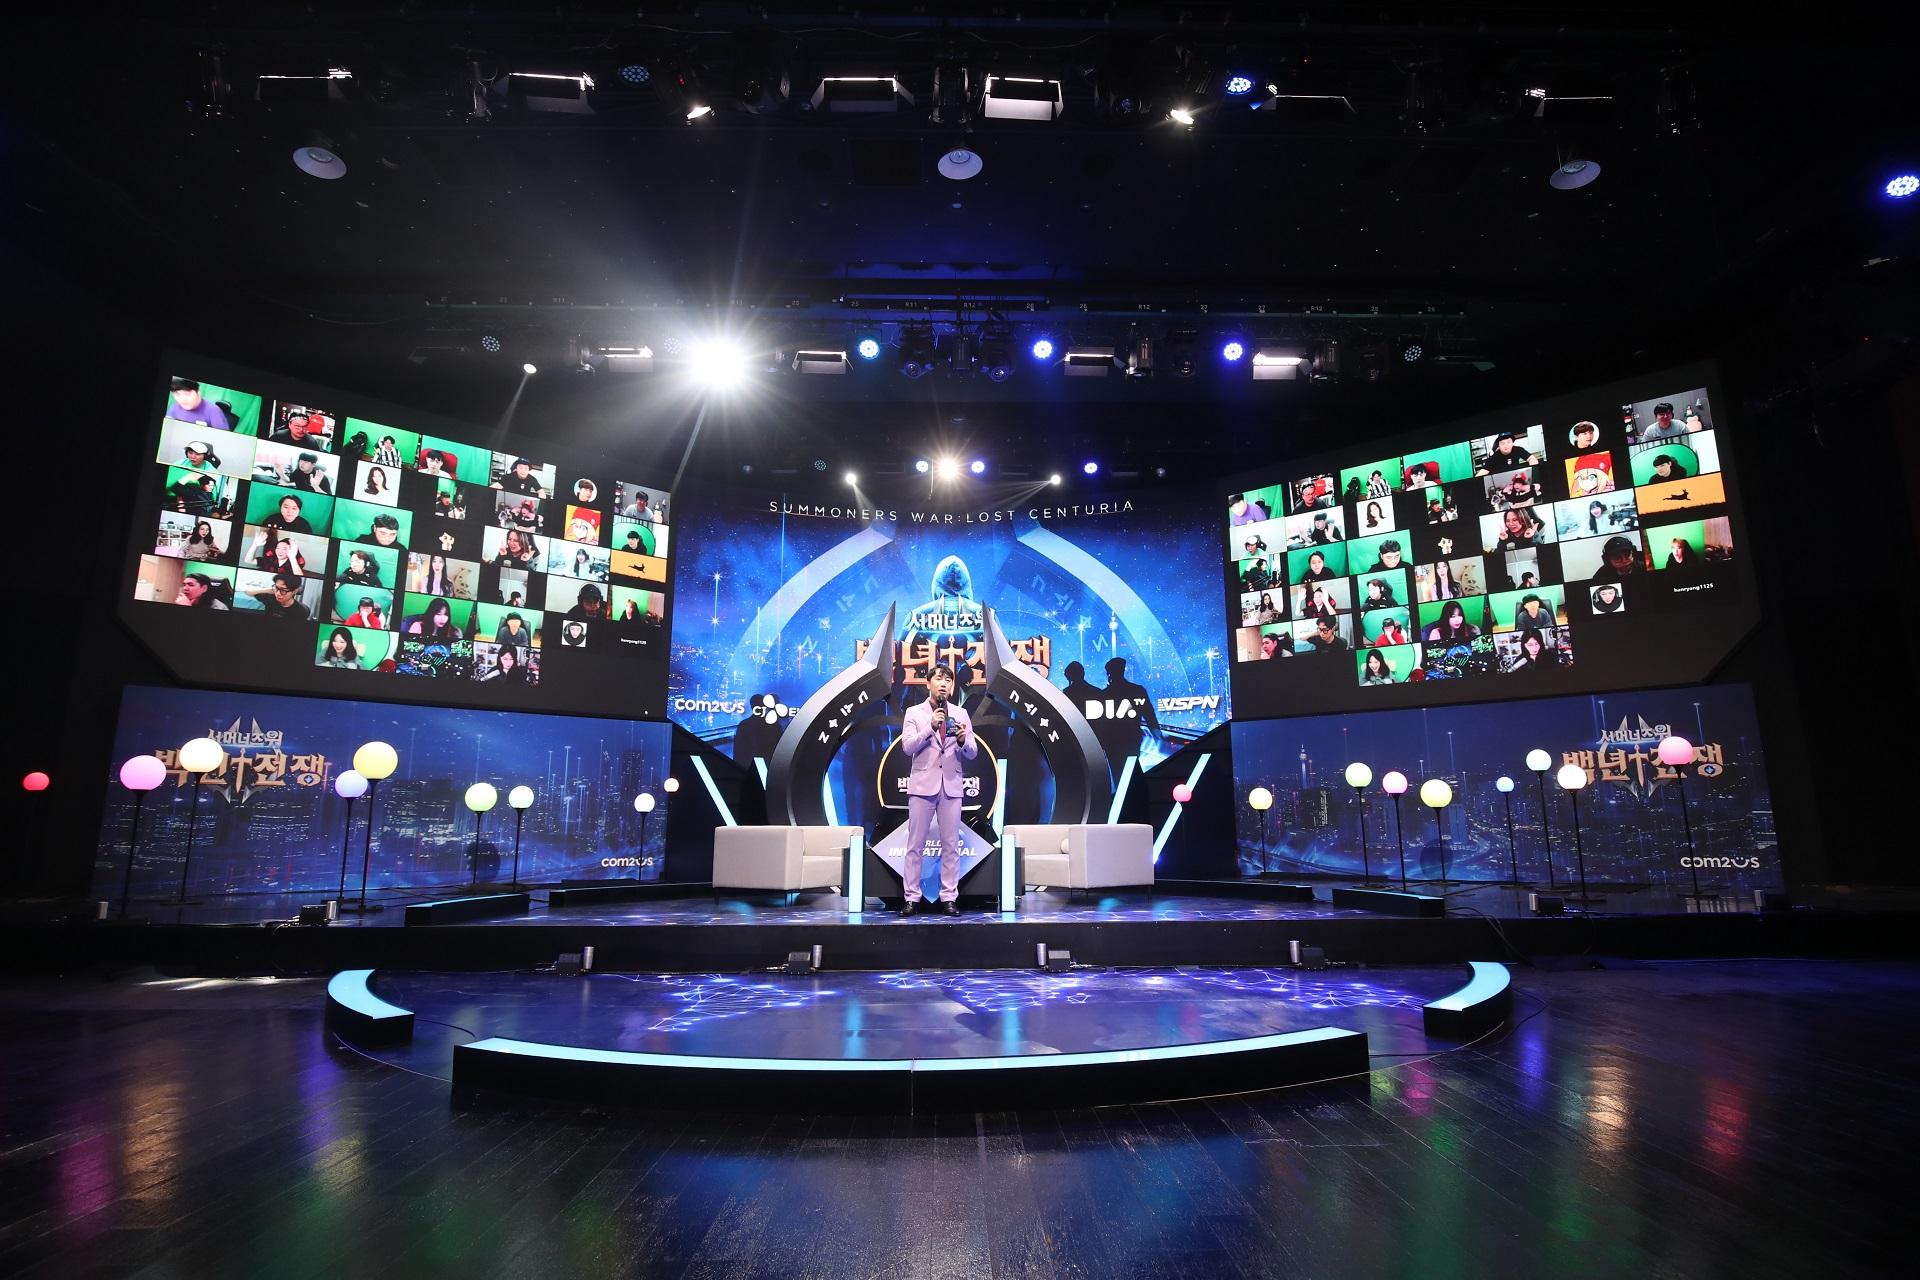 《魔靈召喚:失落的世紀》全球熱烈迴響!World 100 Invitational直播觀看人數高達460萬人